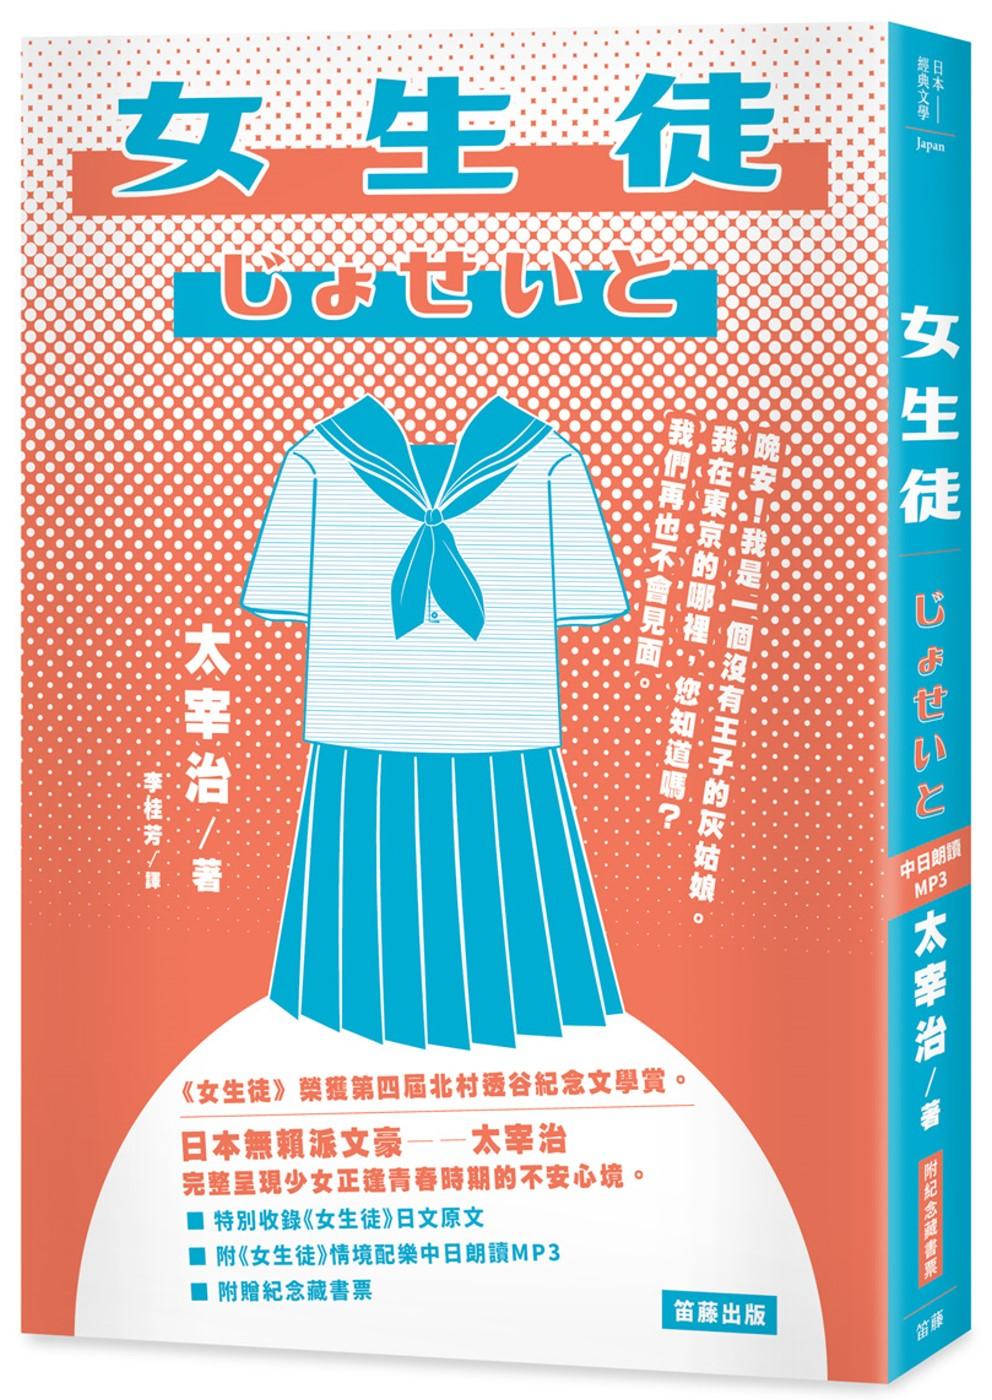 日本經典文學:女生徒  附《女生徒》情境配樂中日朗讀MP3&紀念藏書票